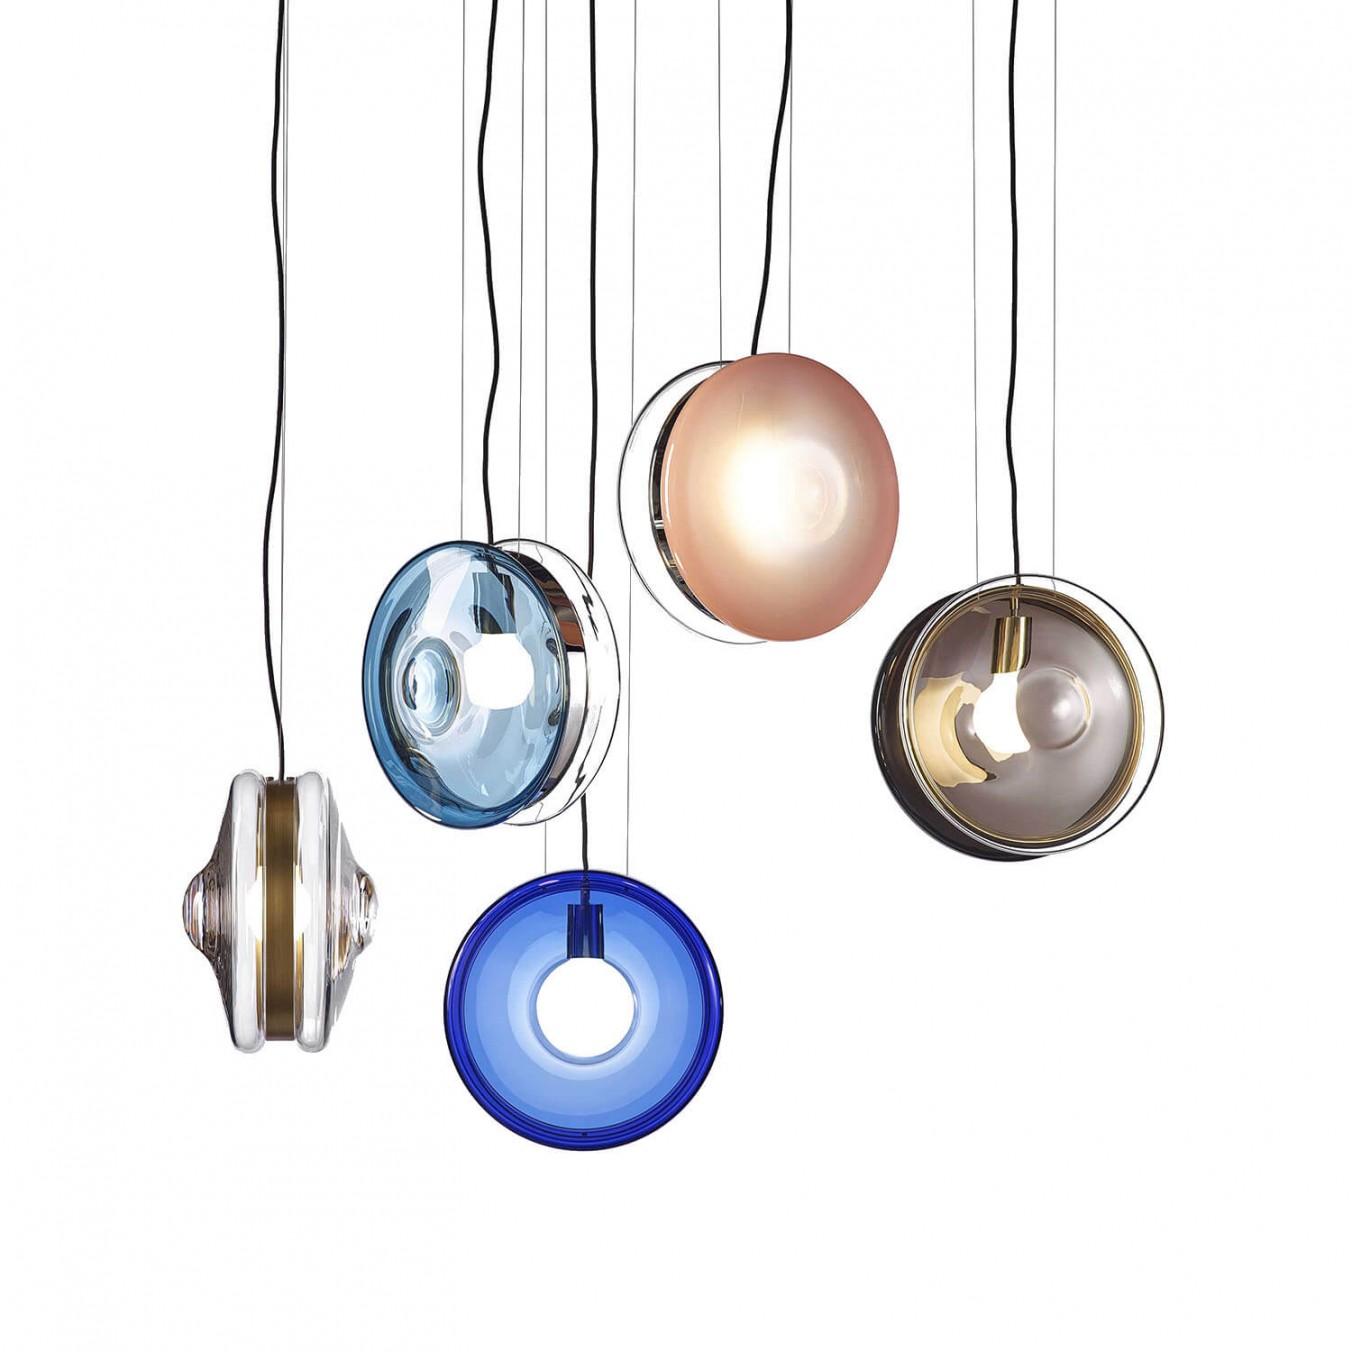 北欧后现代马卡龙玻璃客厅吊灯餐厅服装店咖啡厅简约轻奢艺术灯具